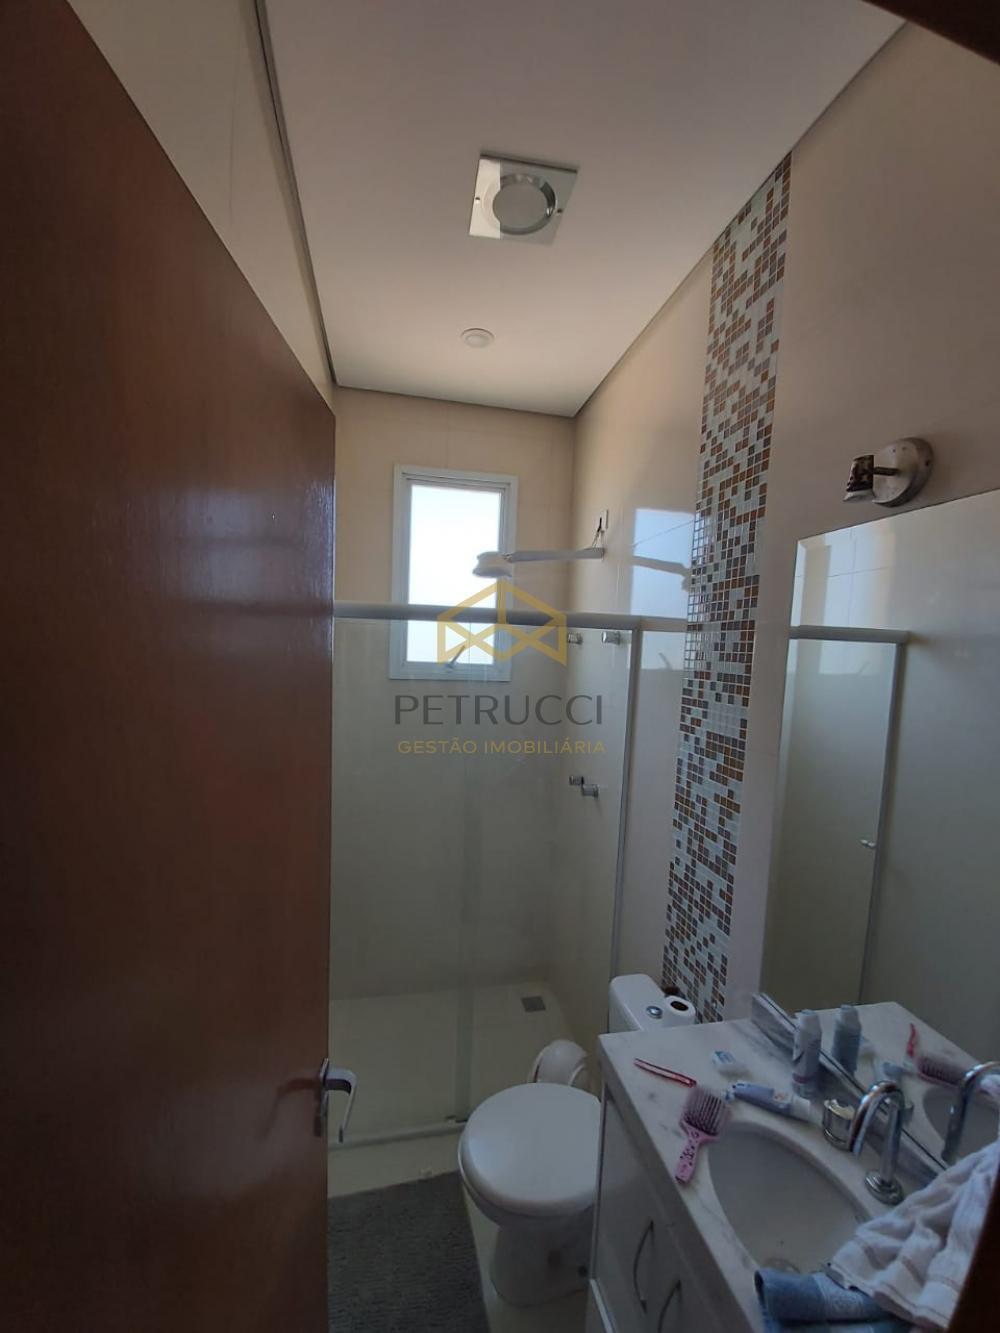 Comprar Casa / Sobrado em Condomínio em Sumaré R$ 695.000,00 - Foto 21